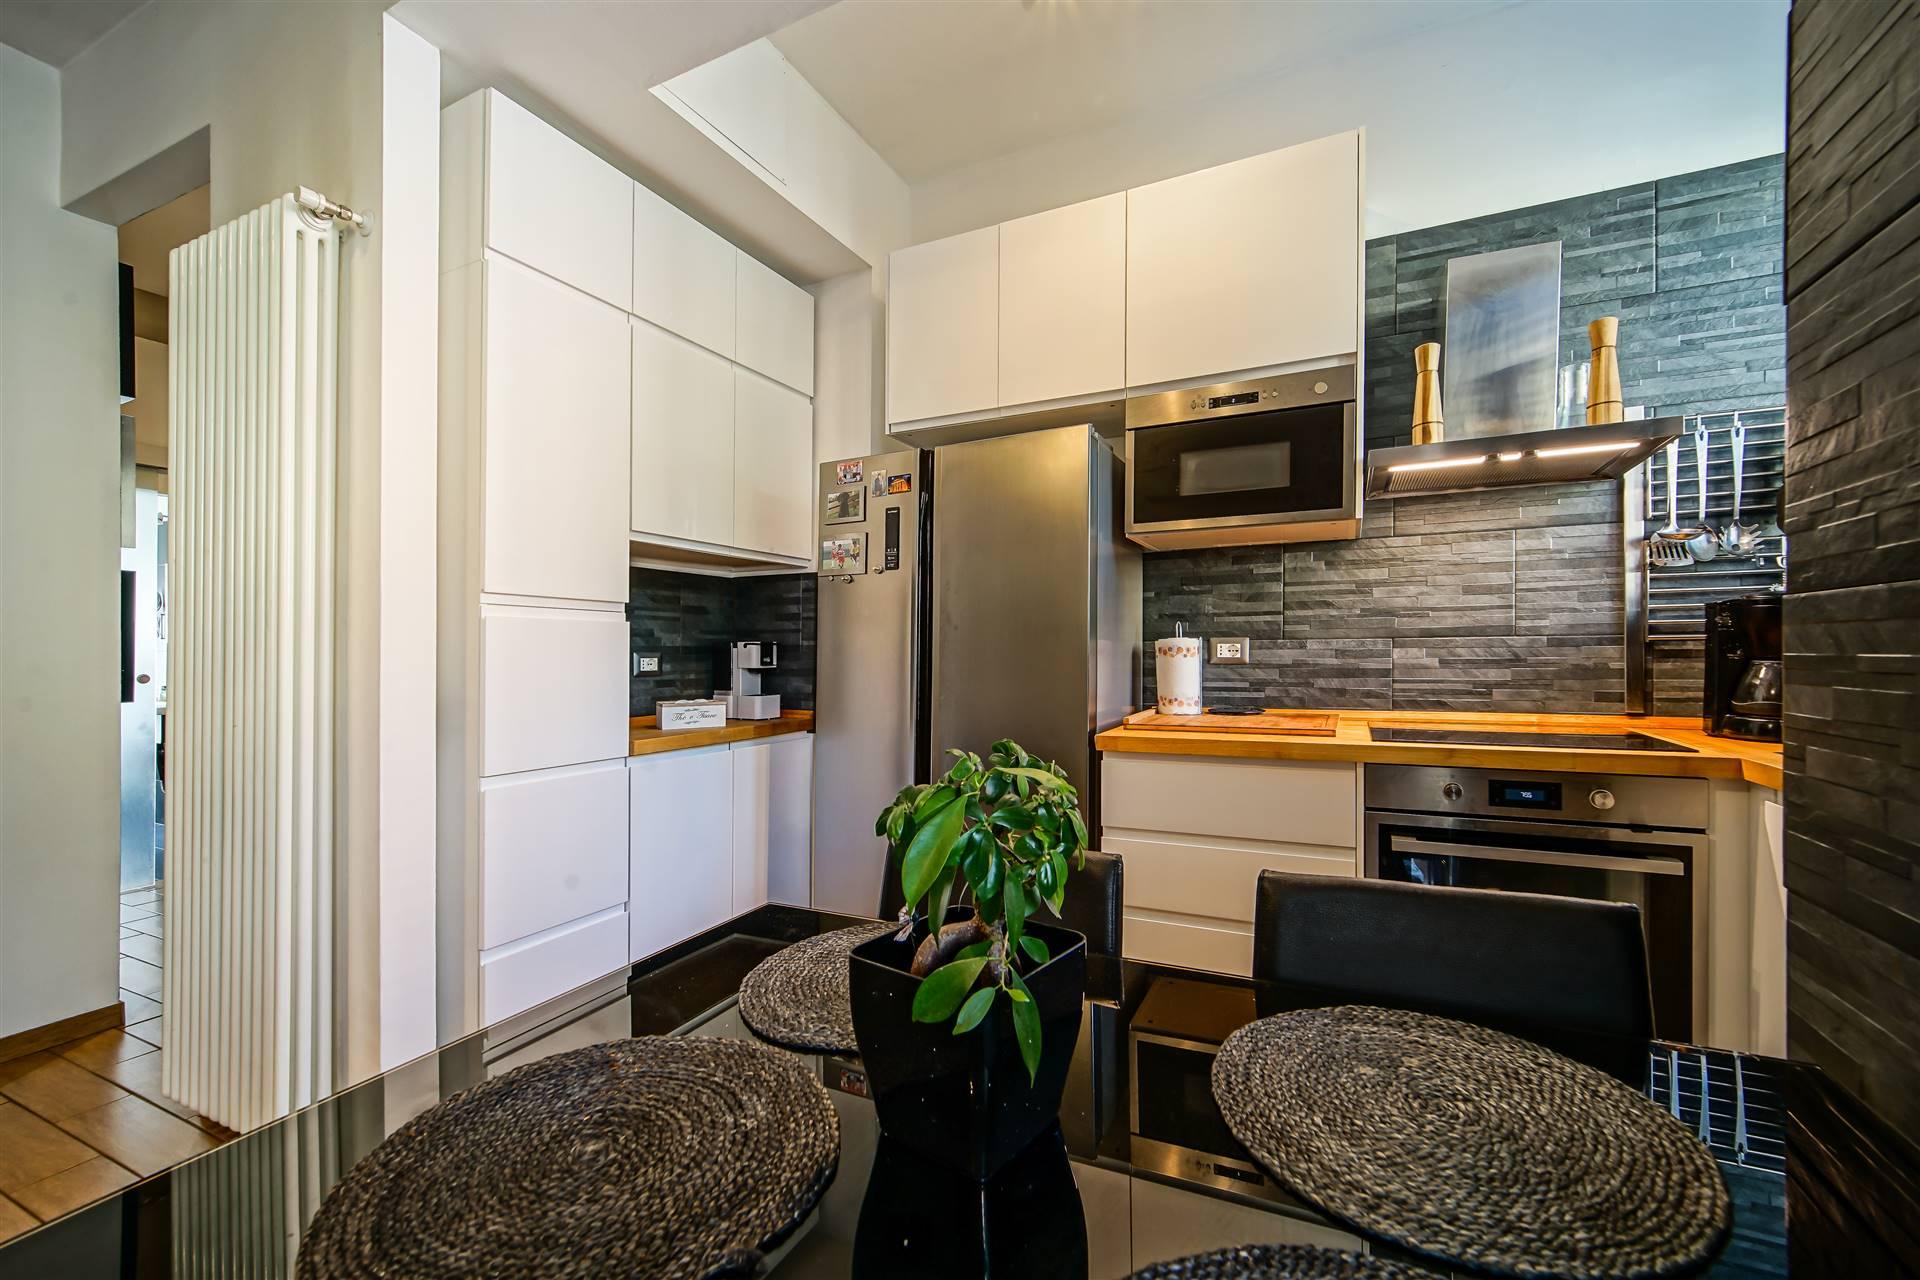 Appartamento in vendita a Lecco, 3 locali, zona Zona: Germanedo, prezzo € 125.000 | CambioCasa.it